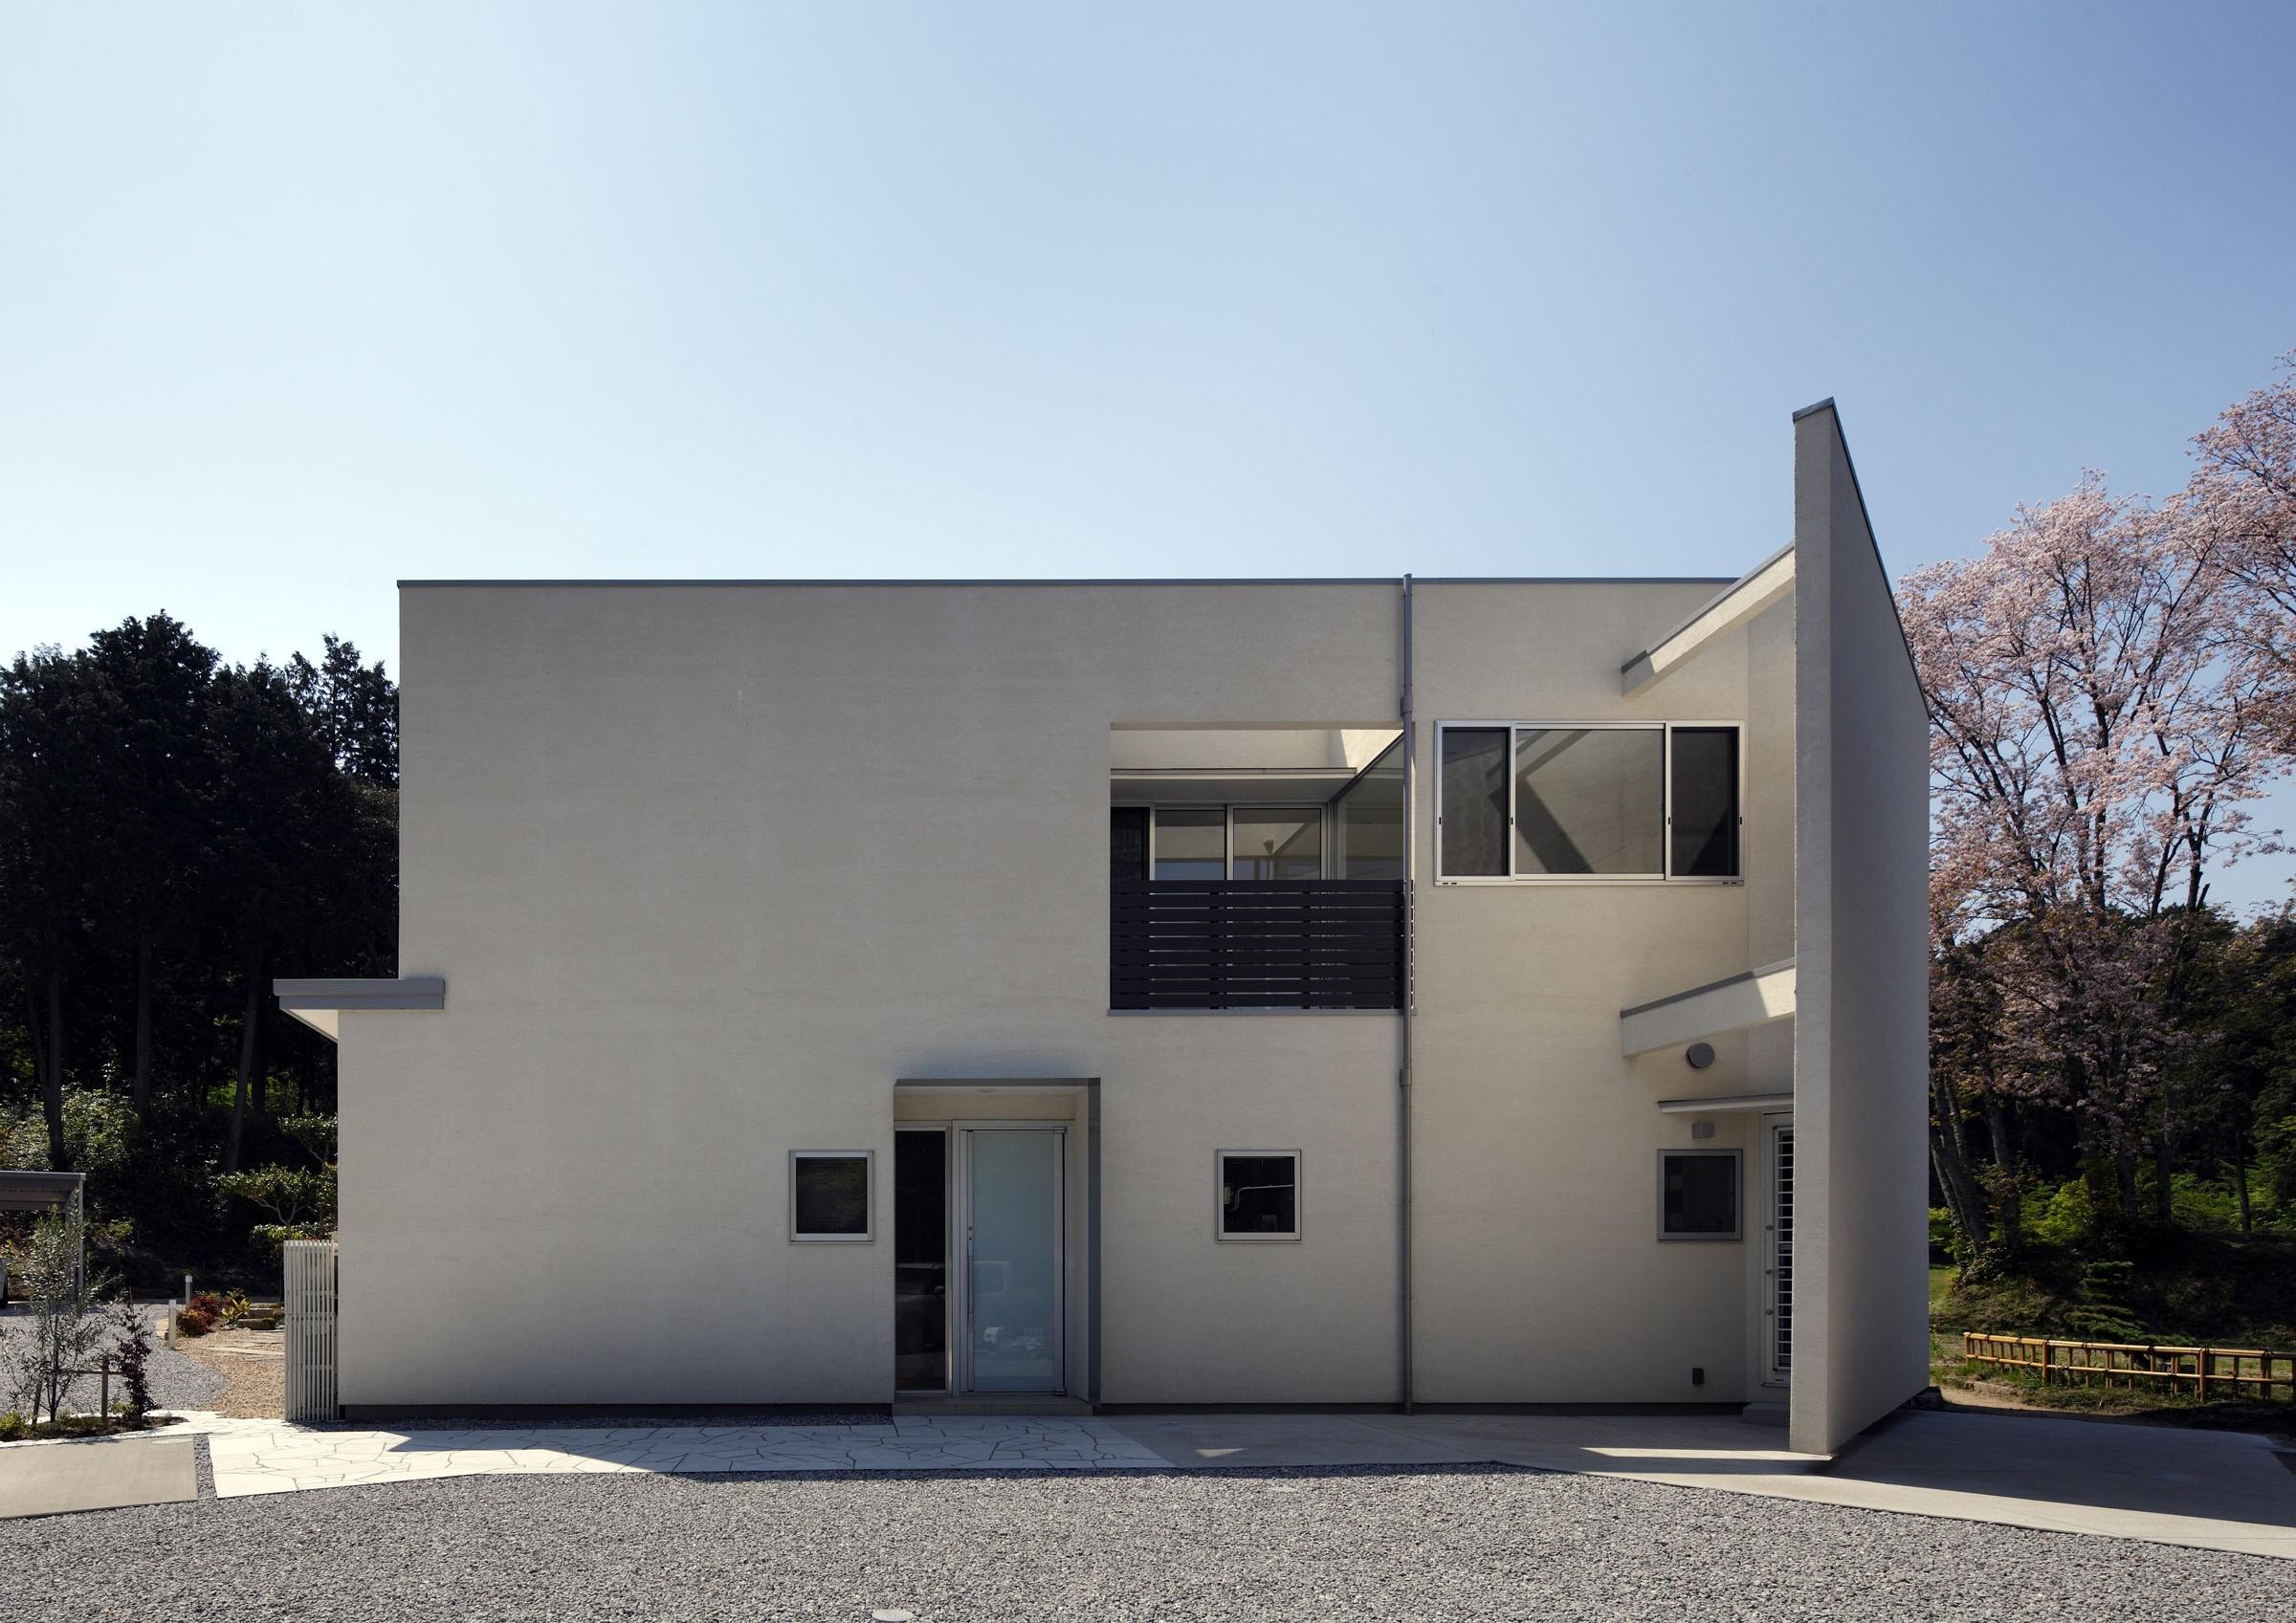 玄関事例:北からの外観(元山城に建つドックランのある家 -滋賀の家-)